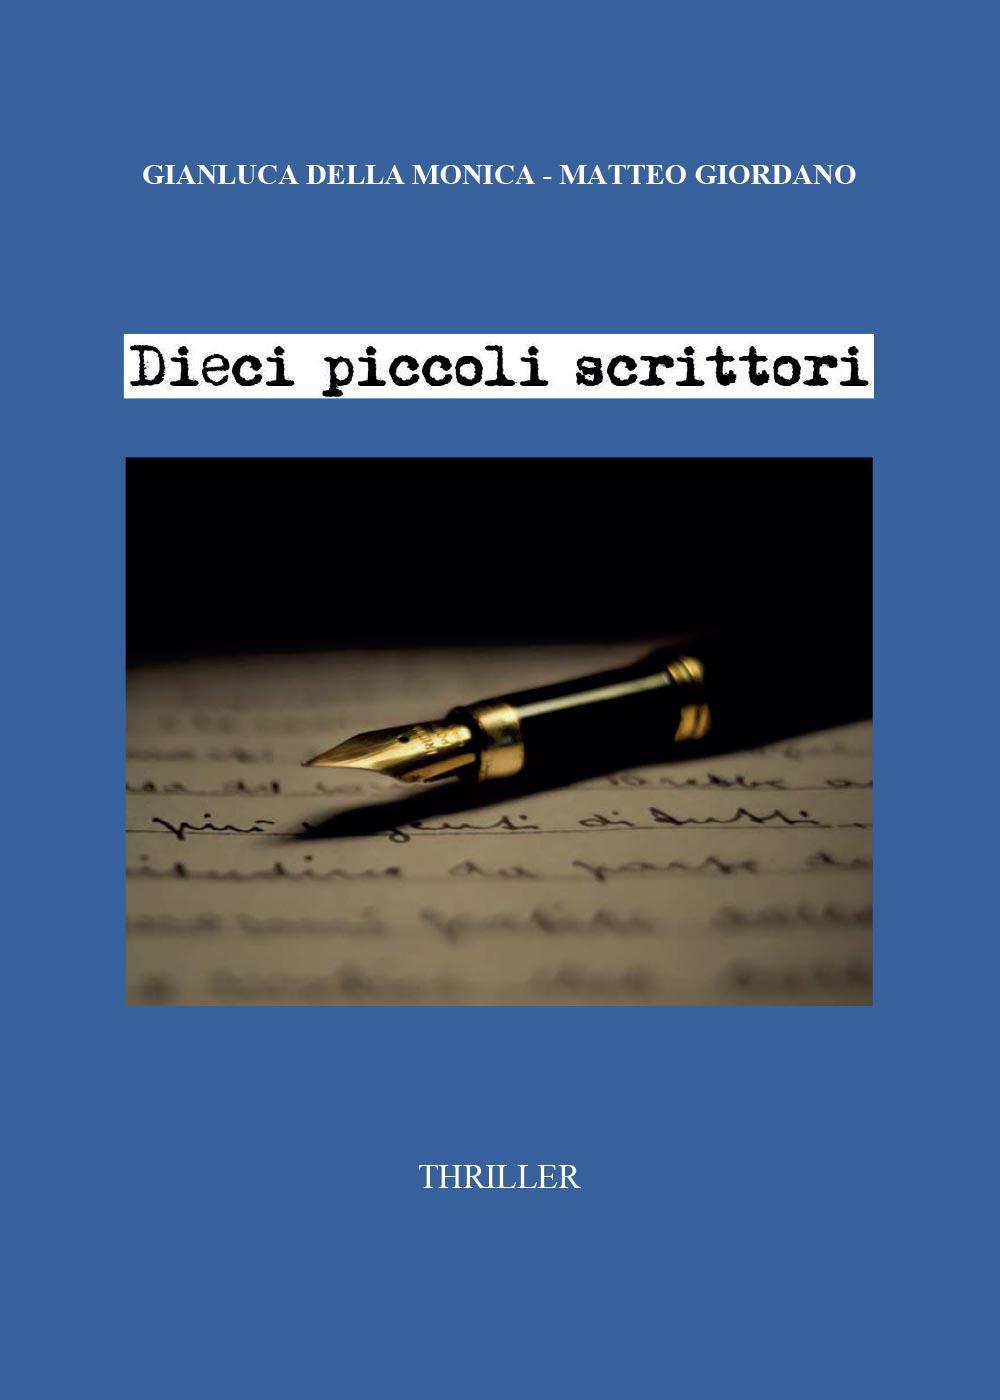 Dieci piccoli scrittori